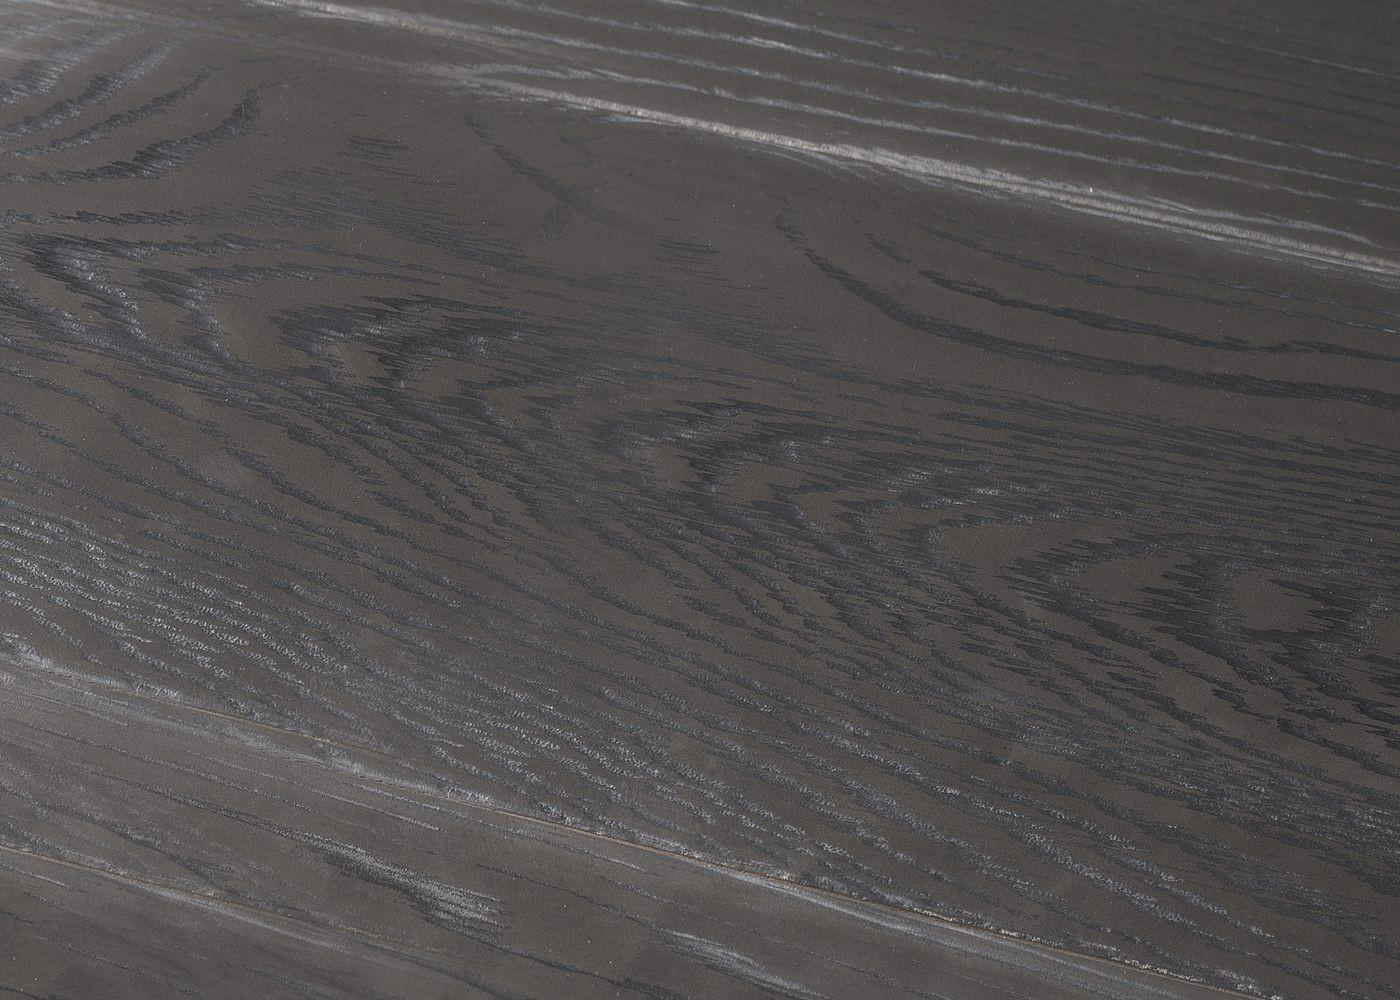 Parquet chêne contrecollé G2 Métal ARGENTE PEFC brossé veinage noir 15x180x1200-2300